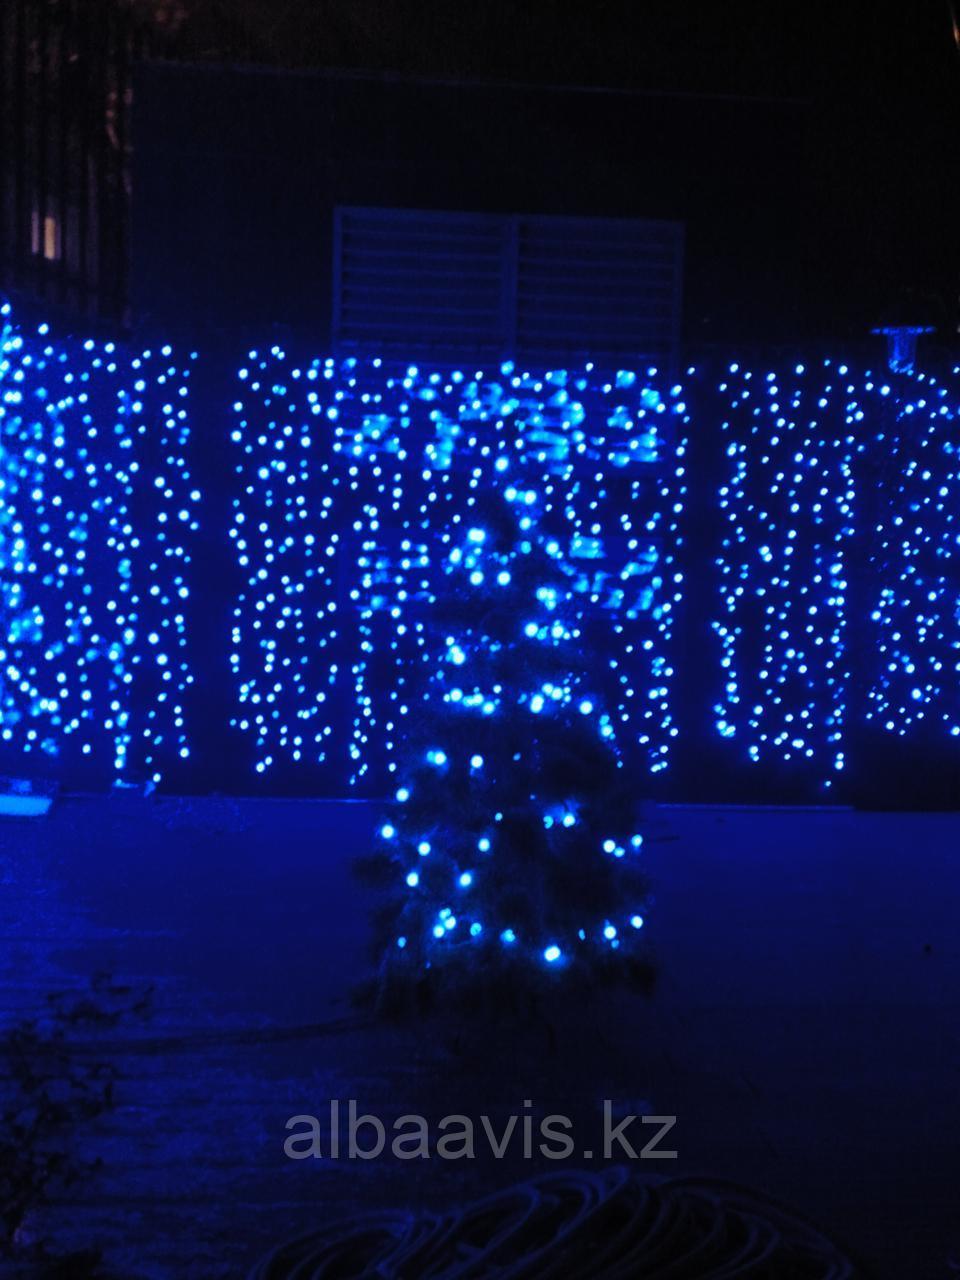 """Гирлянды светодиодные, новогодние, уличные LED гирлянда """"Шторки Занавес"""" 2*2 метра"""